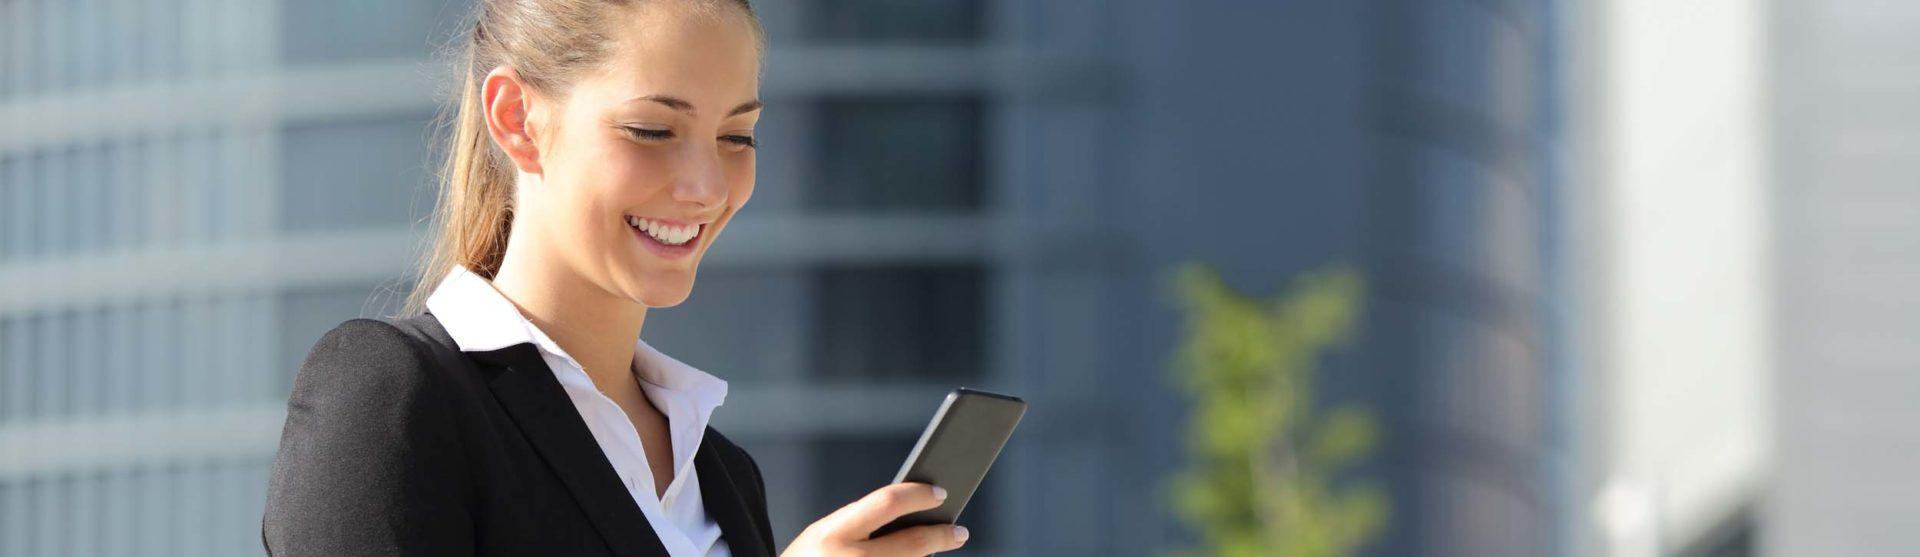 Karriär hos TNG - tips som hjälper dig söka jobb och utvecklas i din karriär